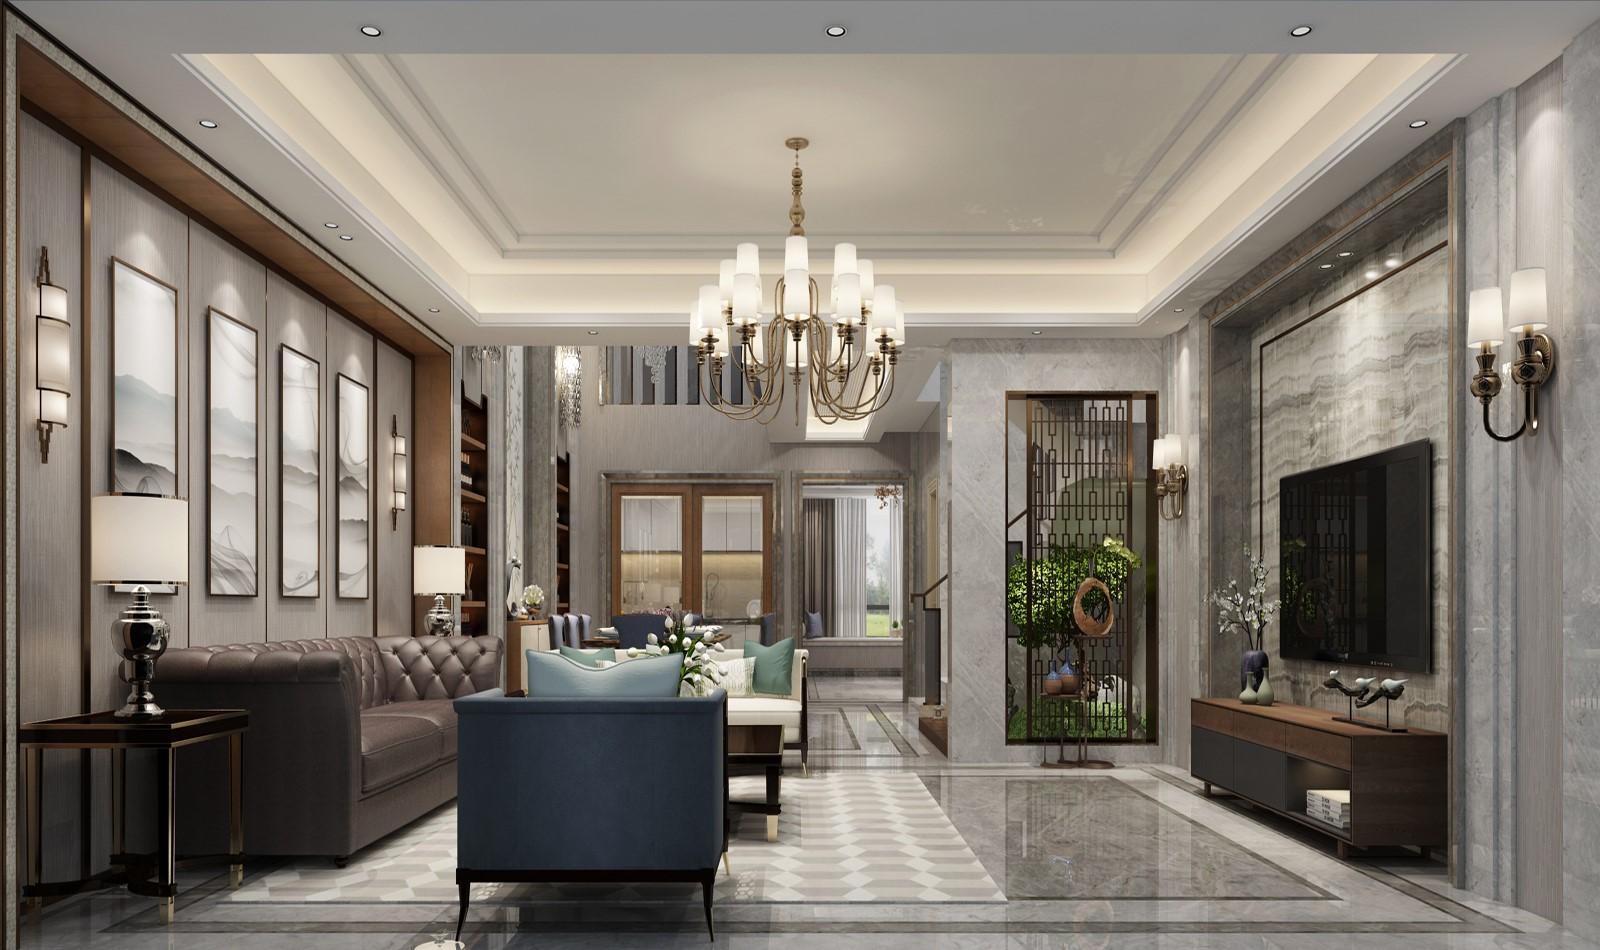 观澜御景500平方现代风格别墅装修效果图